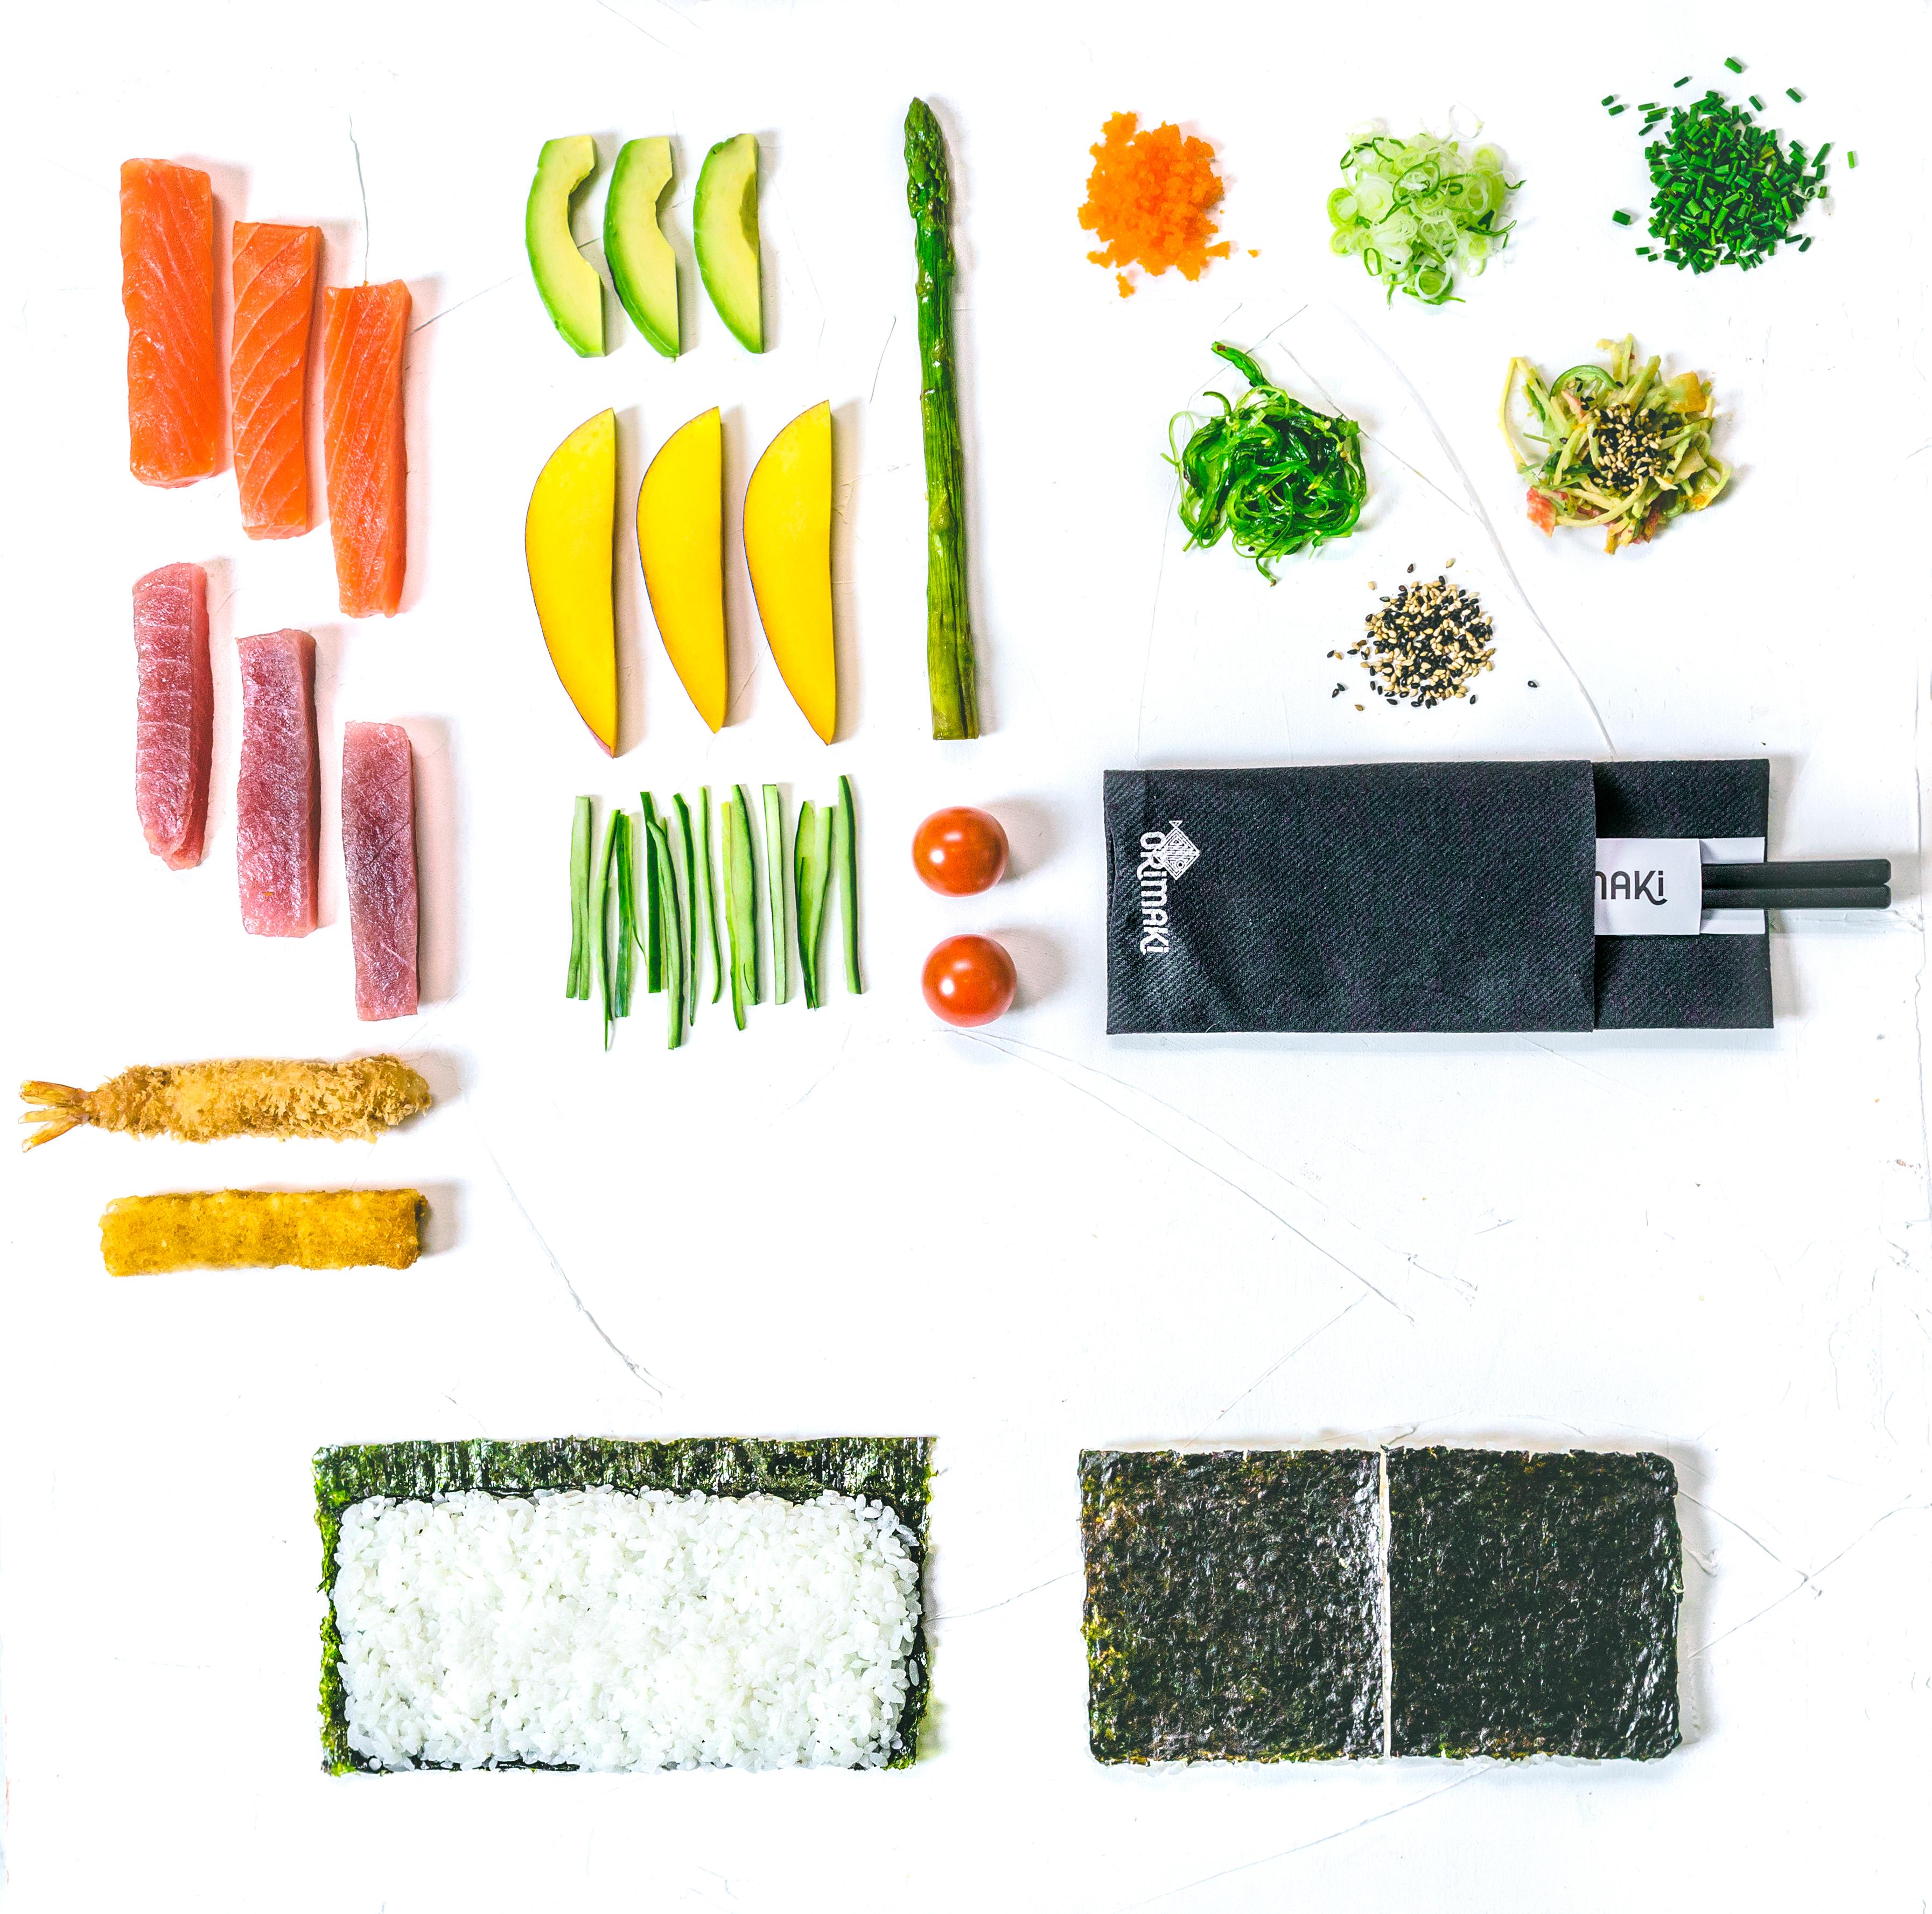 Futomaki. Alga por fuera (10 piezas)